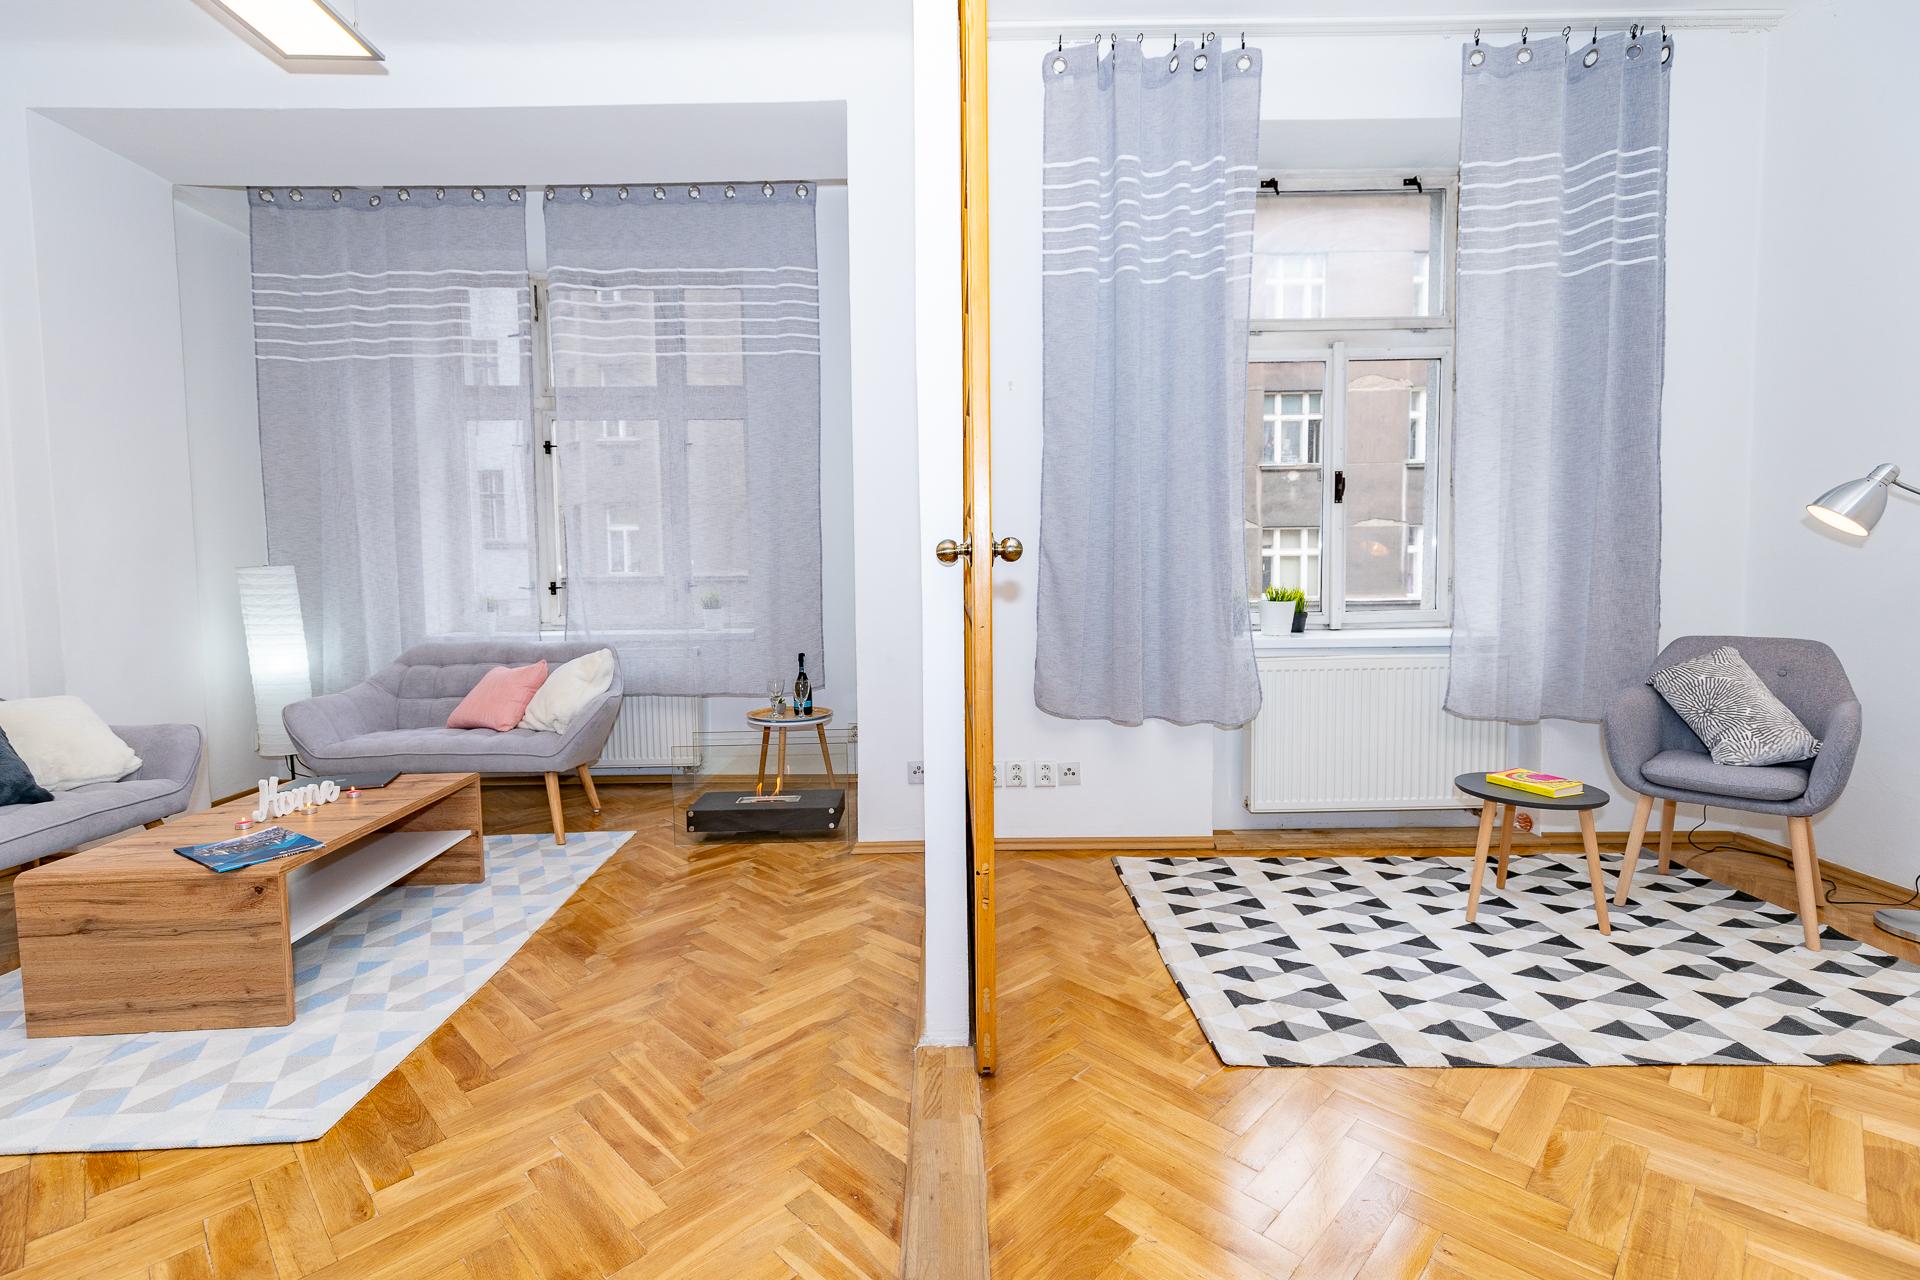 pohled na ložnici a obývací pokoj s dřevěnou podlahou a nábytkem